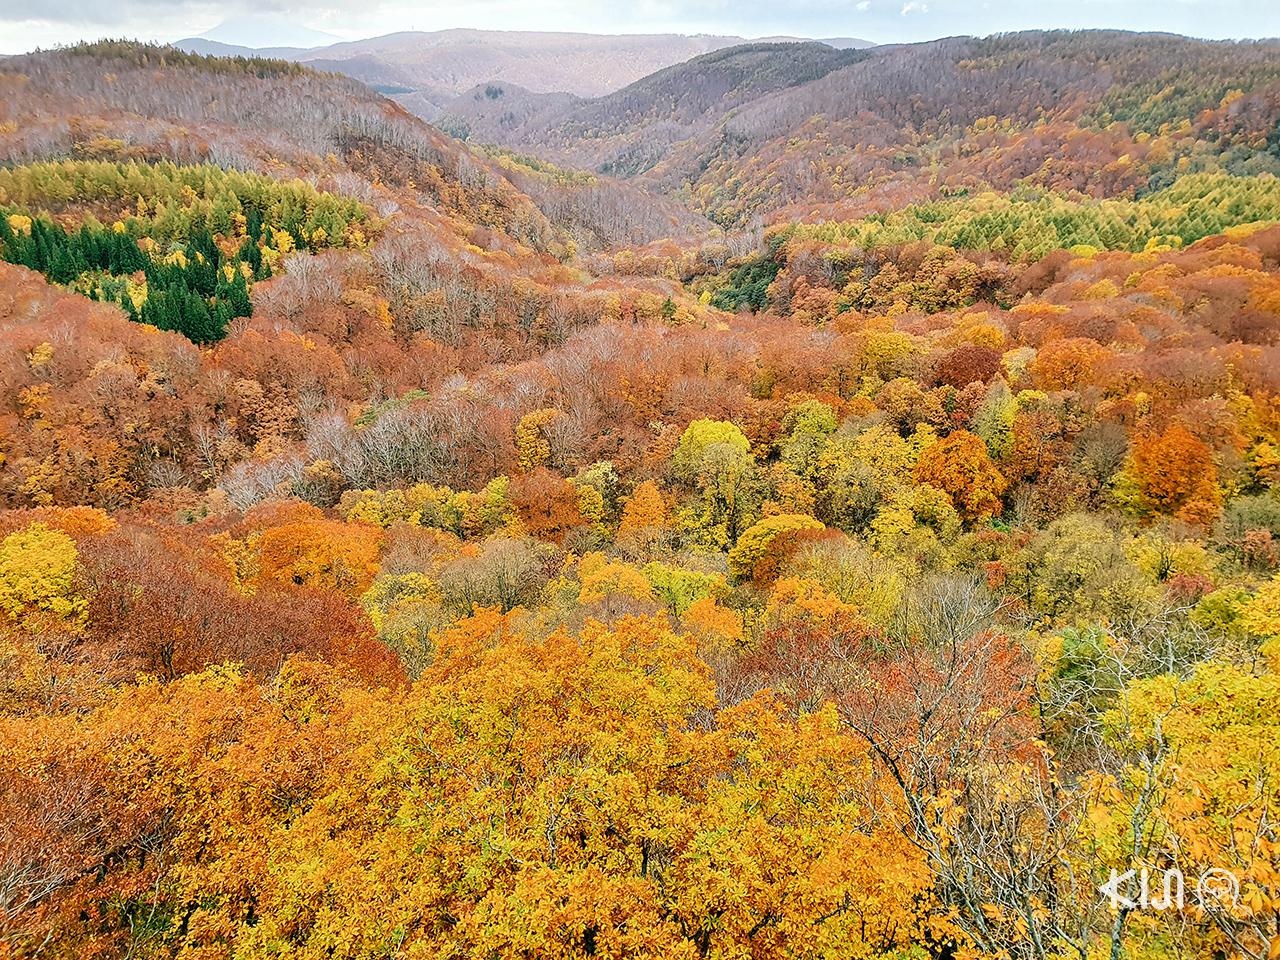 วิว ใบไม้เปลี่ยนสี ในภูมิภาค โทโฮคุ